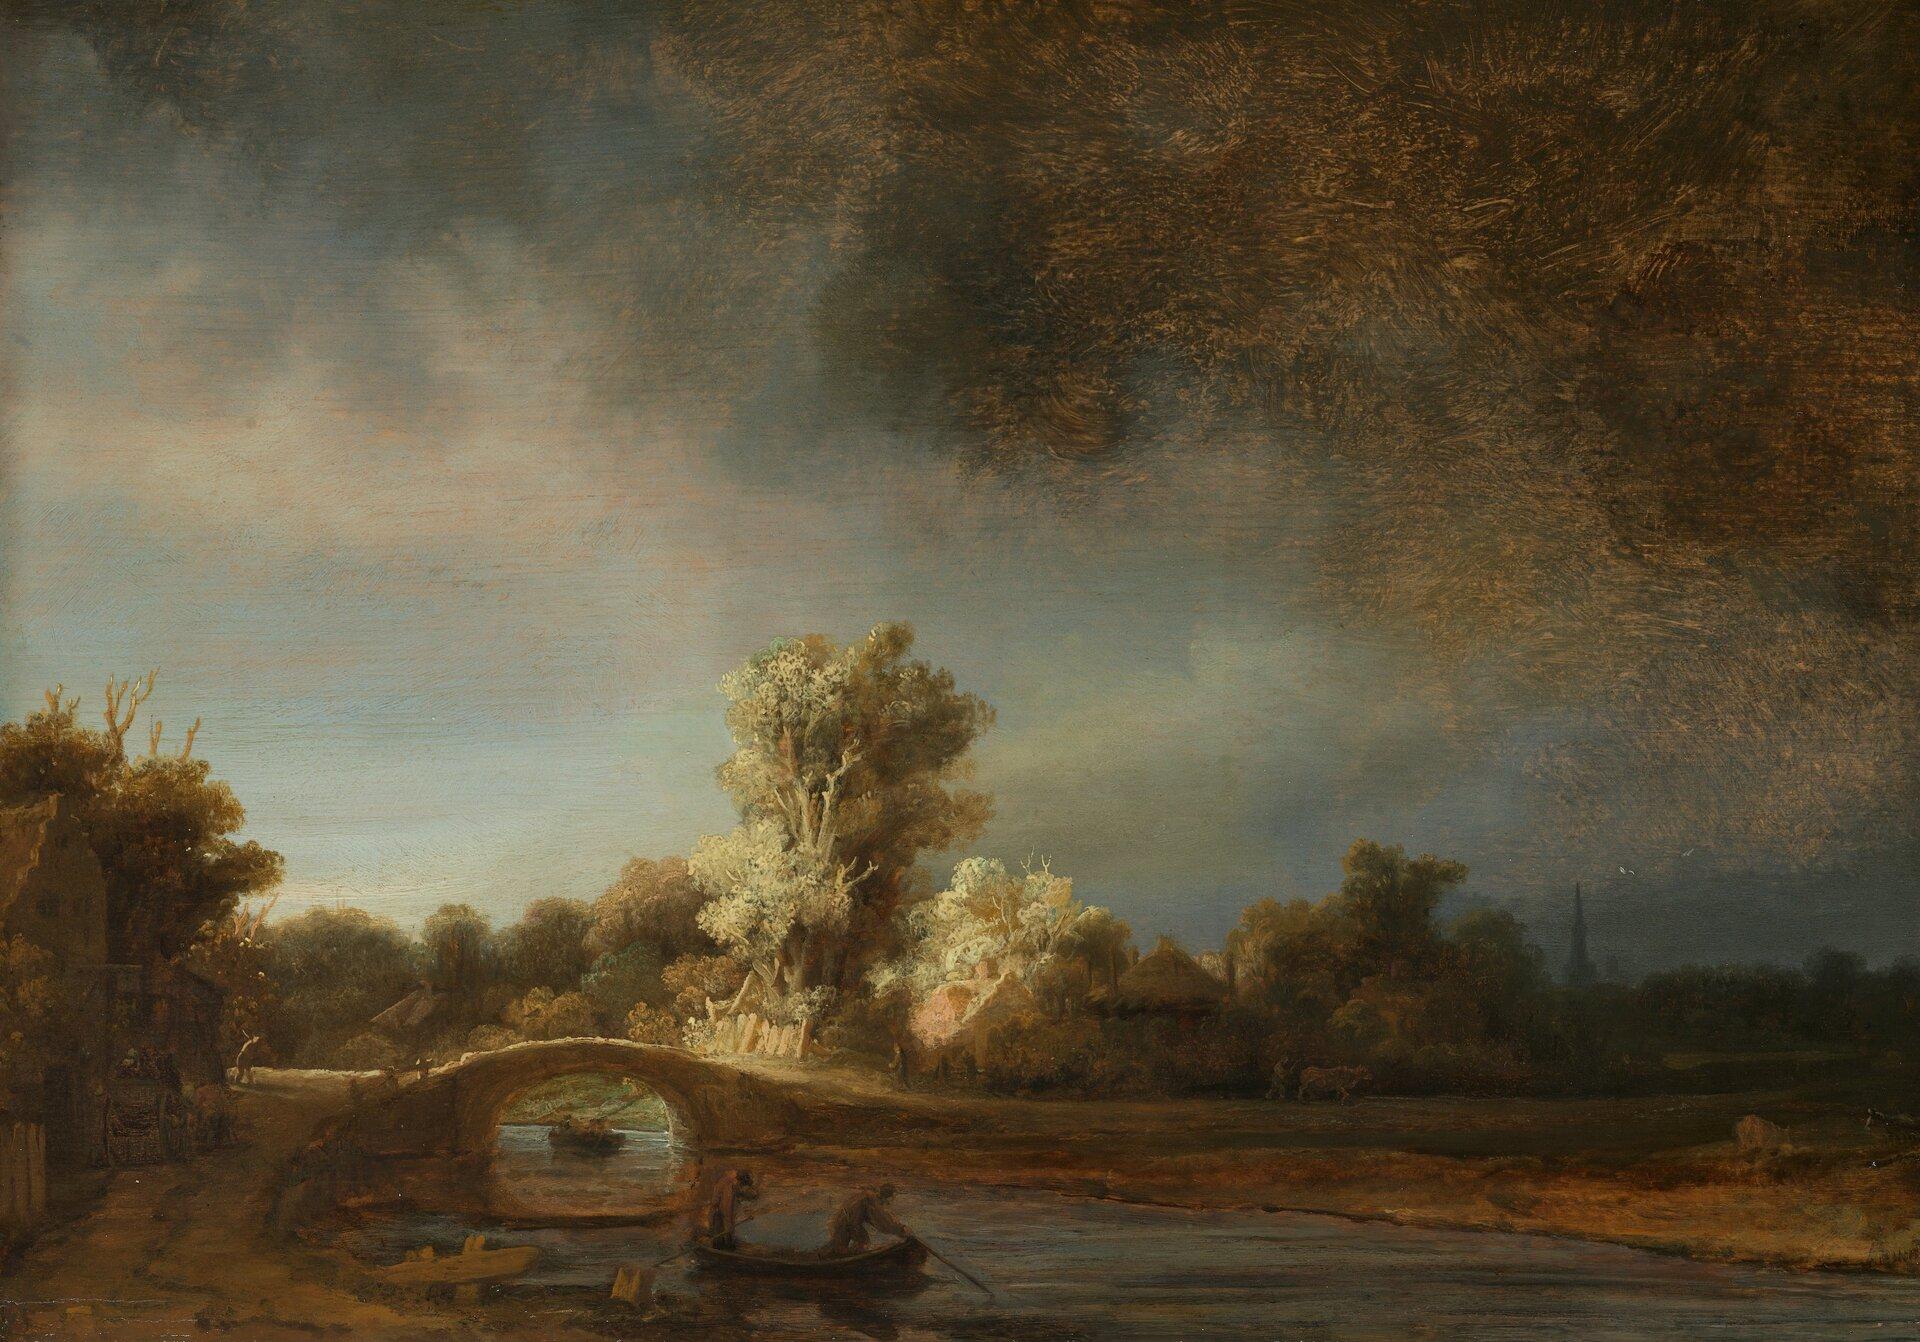 """Ilustracja przedstawia obraz """"Pejzaż zkamiennym mostem"""" autorstwa Rembrandta van Rijnna. Dzieło ukazuje krajobraz zrzeką imostem. Nad pejzażem góruje ciężkie, mroczne niebo zciemną chmurą po prawej stronie obrazu. Na pierwszym planie znajduje się łódka zdwoma postaciami, unosząca się na wodzie. Dalej, namalowany jest mostek, za którym wyłaniają się zmrocznego pejzażu, ciepło oświetlone zabudowania małych domków pośród drzew. Artysta przy pomocy światła buduje nastrój obrazu. Pejzaż utrzymany jest wwąskie, ciemnej tonacji kolorów. Dominują tutaj beże, ugry, zielenie izbrudzone błękity. Dzieło wykonane jest wtechnice olejnej na dębowej desce."""